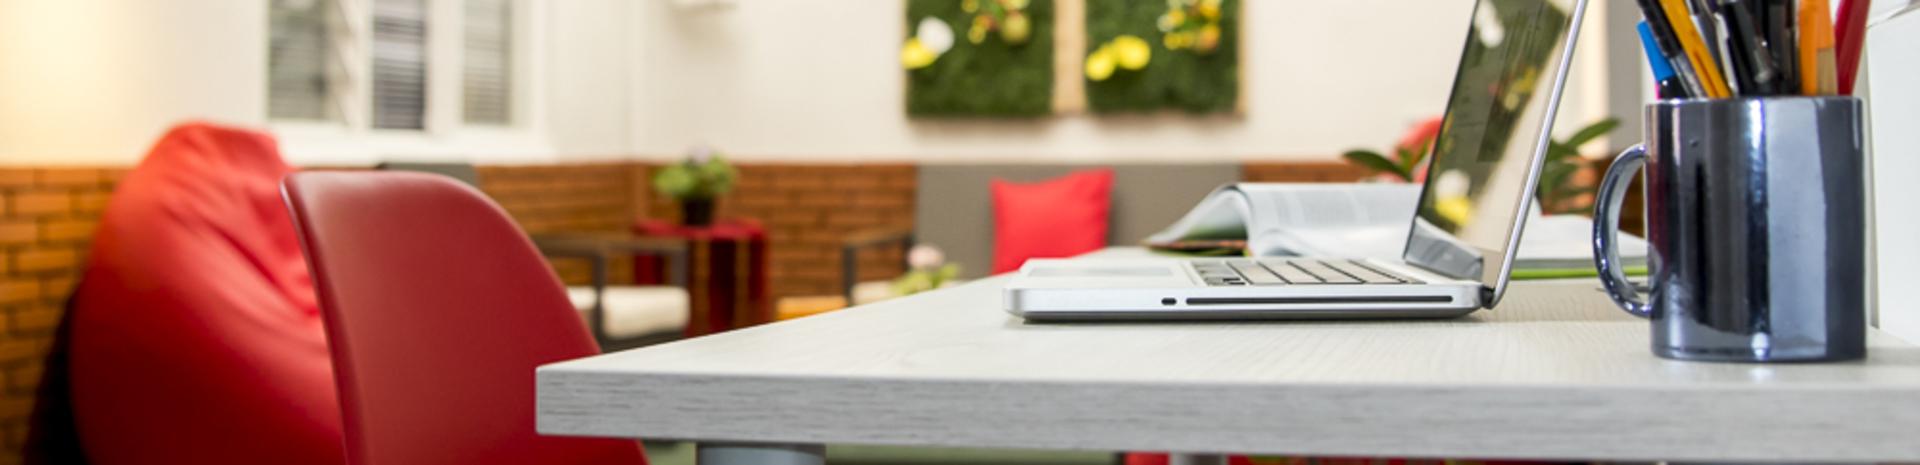 Kamado Coworking, Medellin - Read Reviews & Book Online